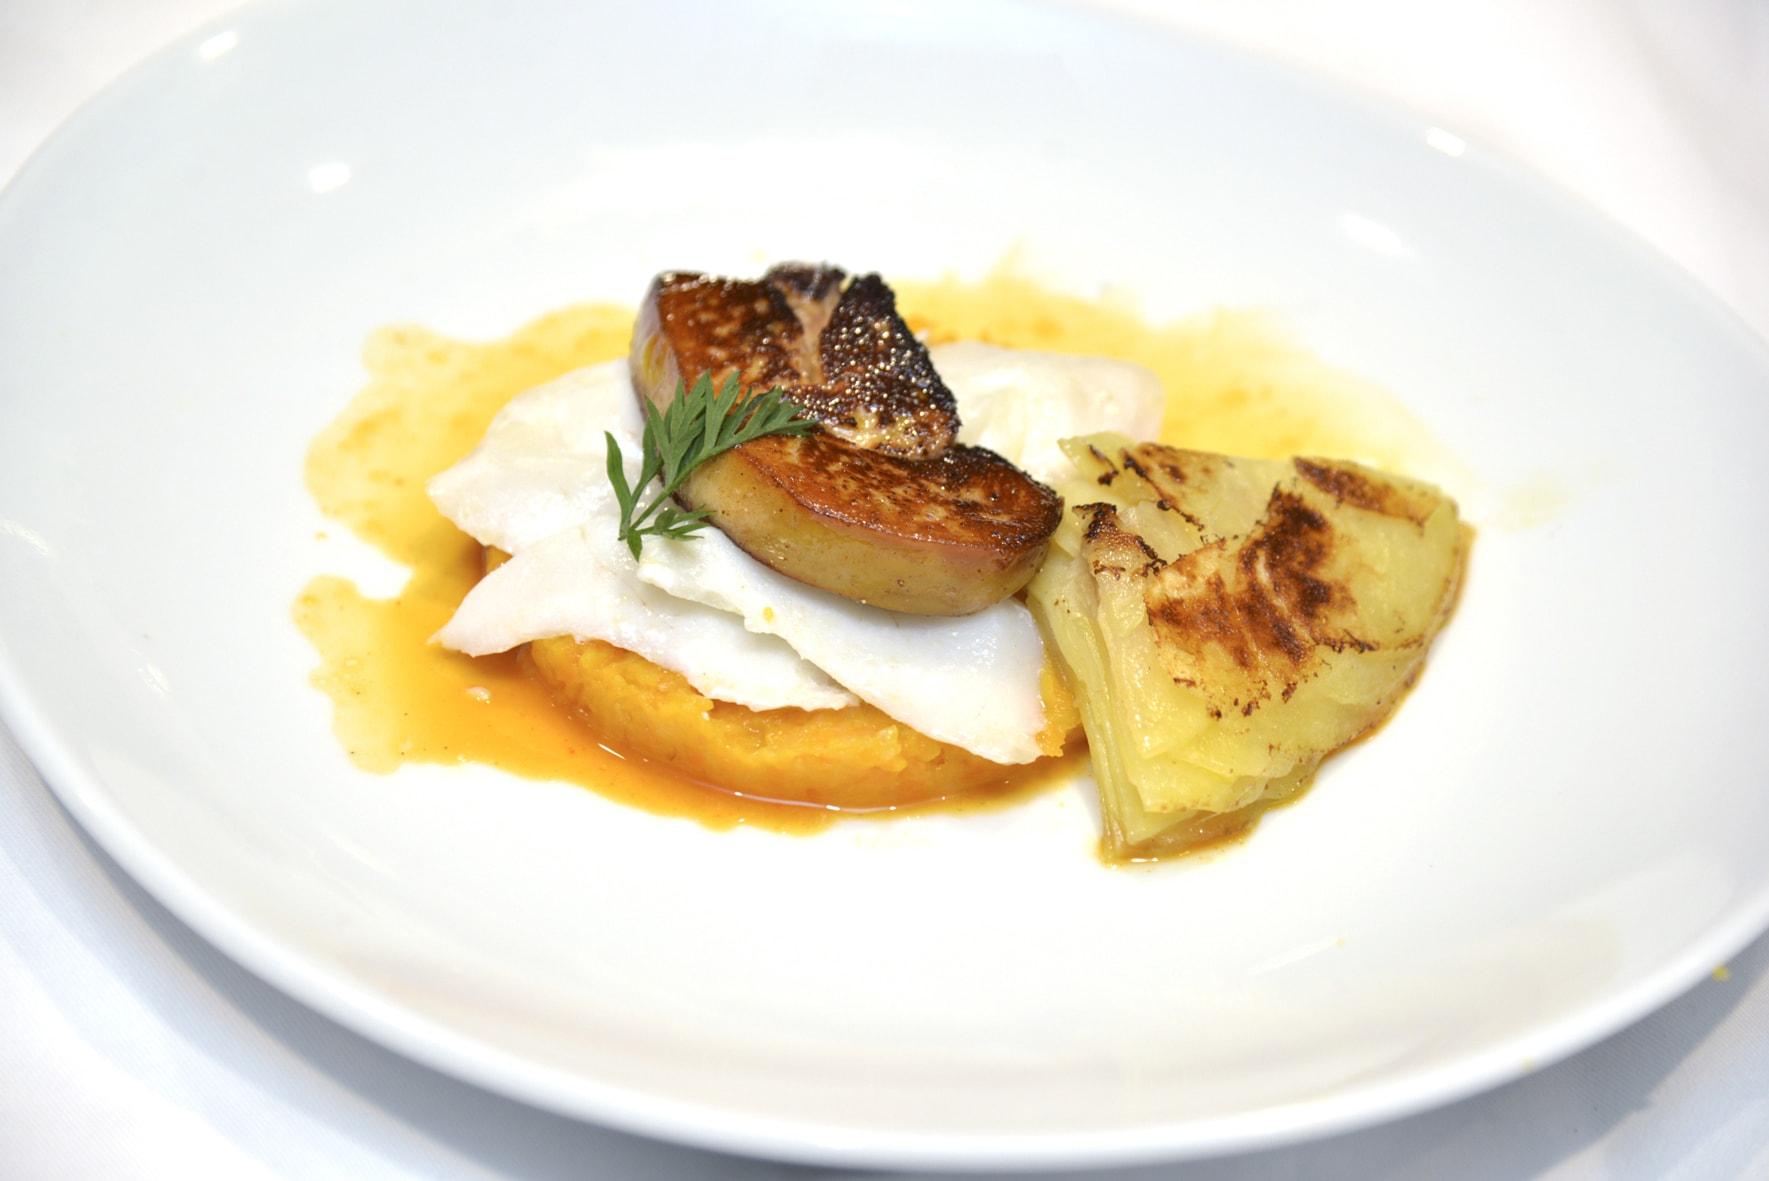 Samuel jubleau finaliste du challenge foie gras nous donne sa recette le blog du foie gras - Recette du foie gras ...